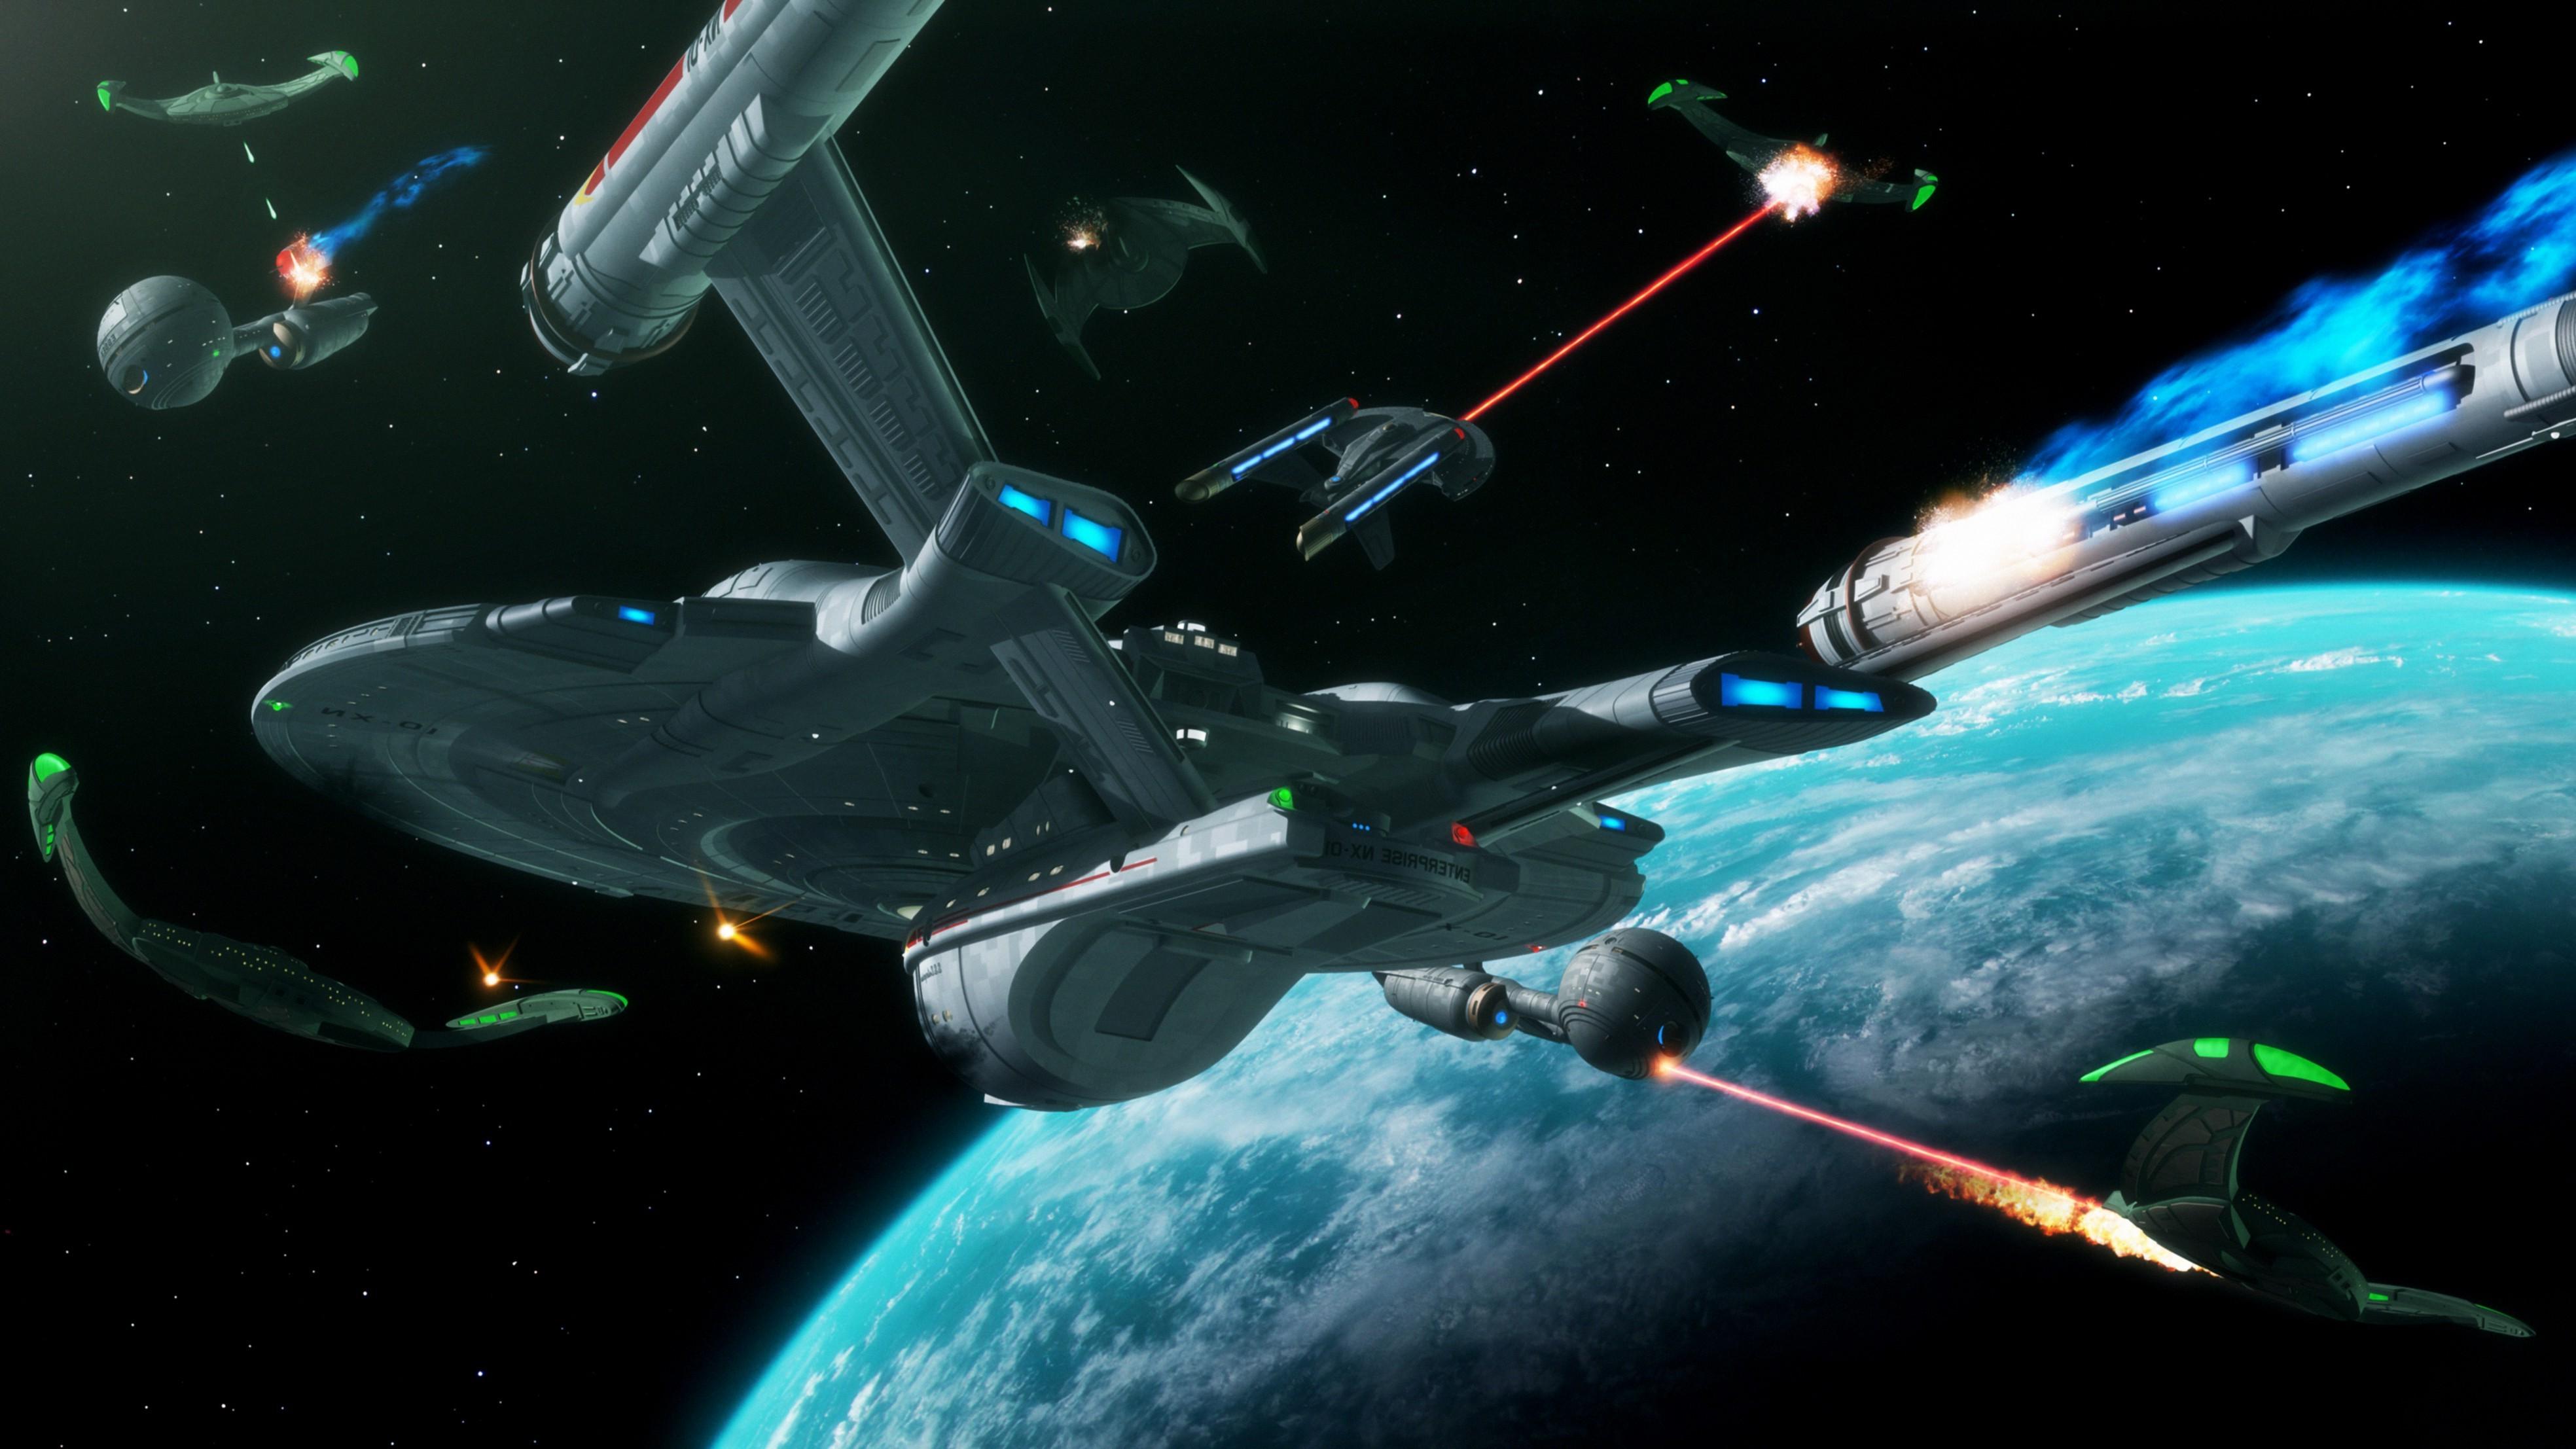 Fondos De Pantalla 3936x2214 Px Batalla Espacio Star